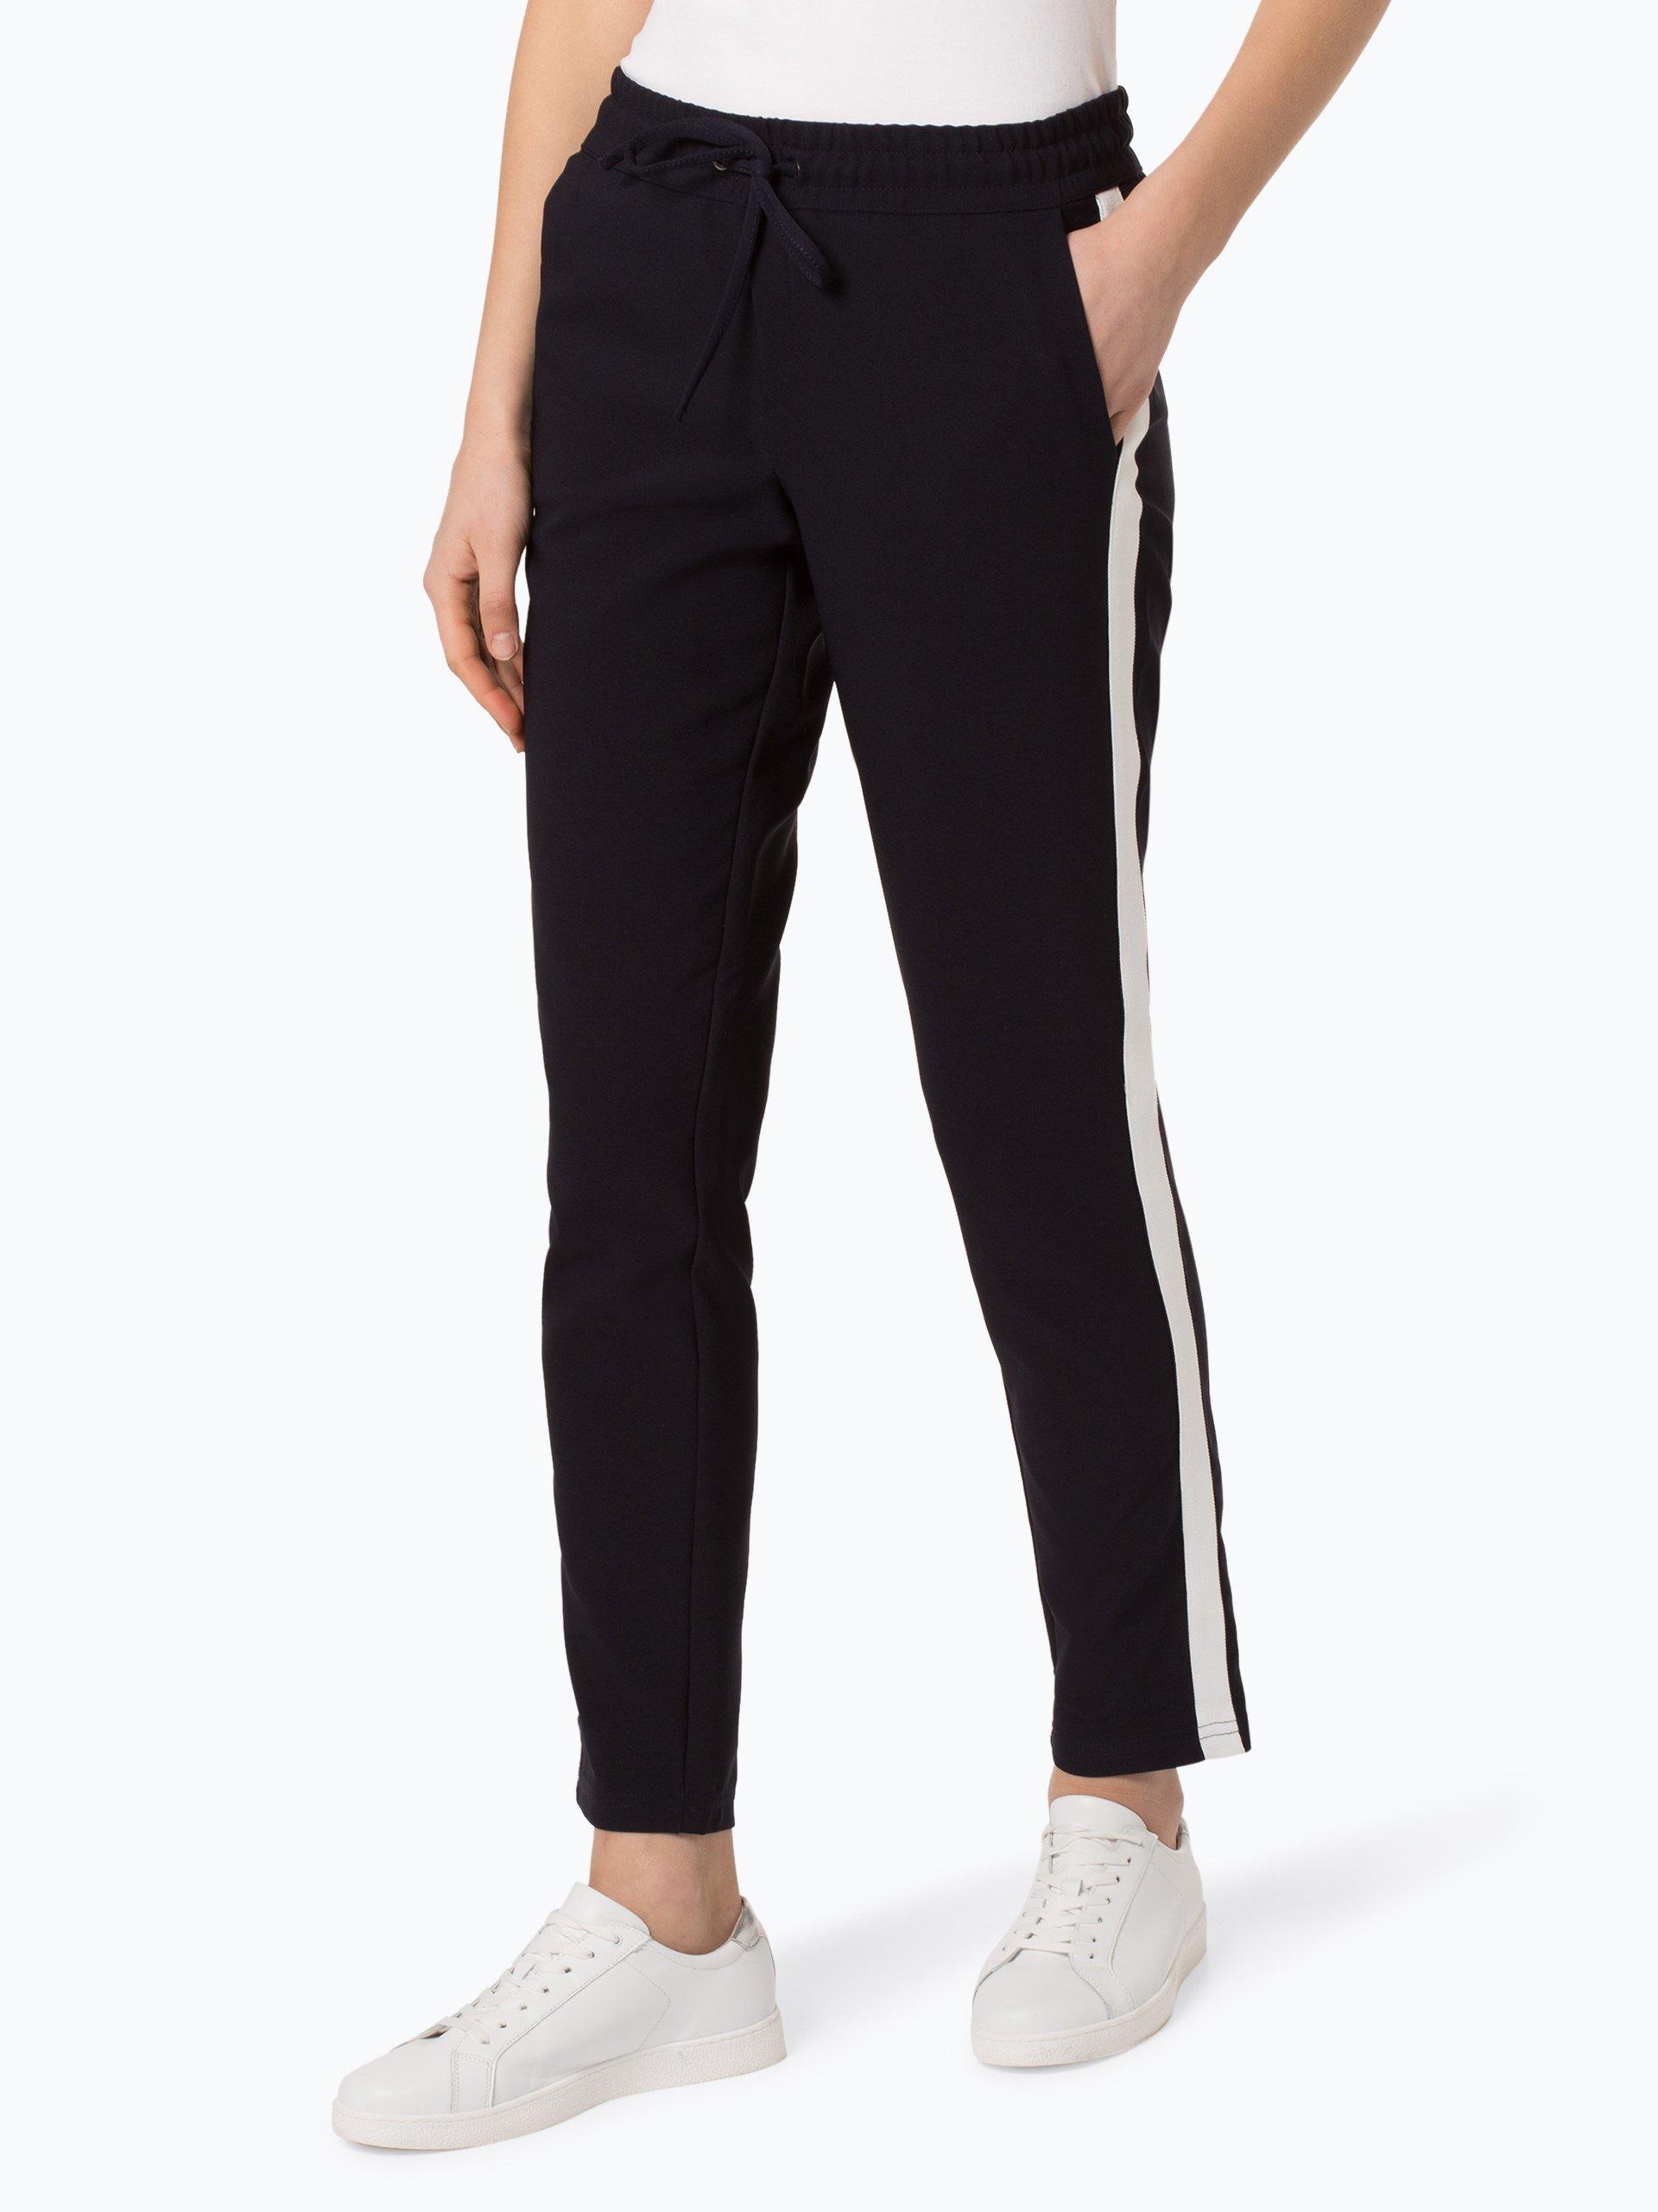 VG Spodnie damskie